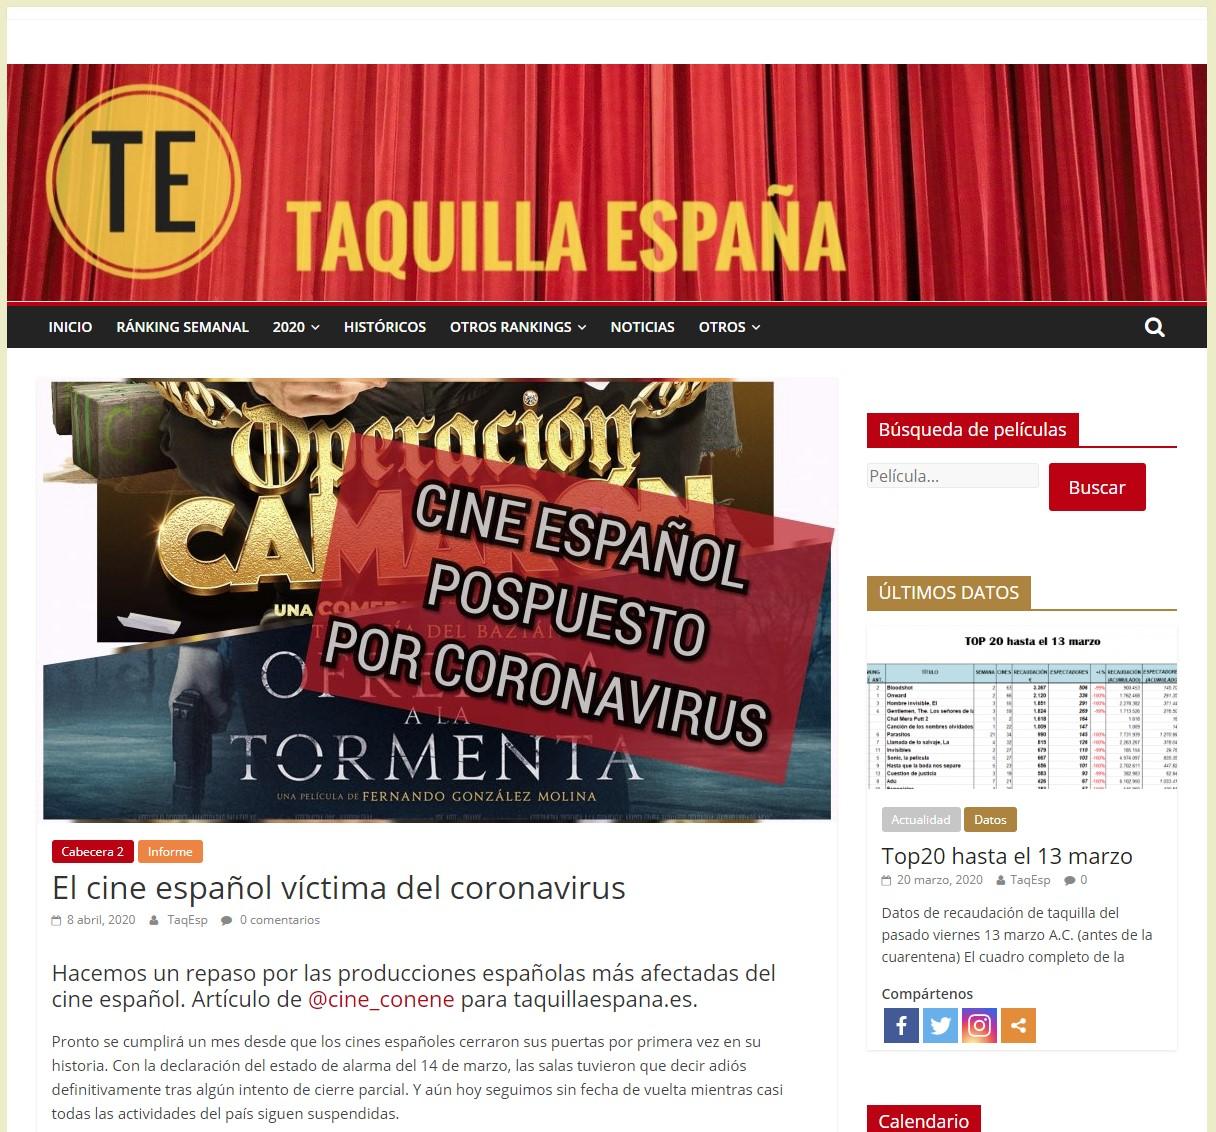 El cine español víctima del coronavirus